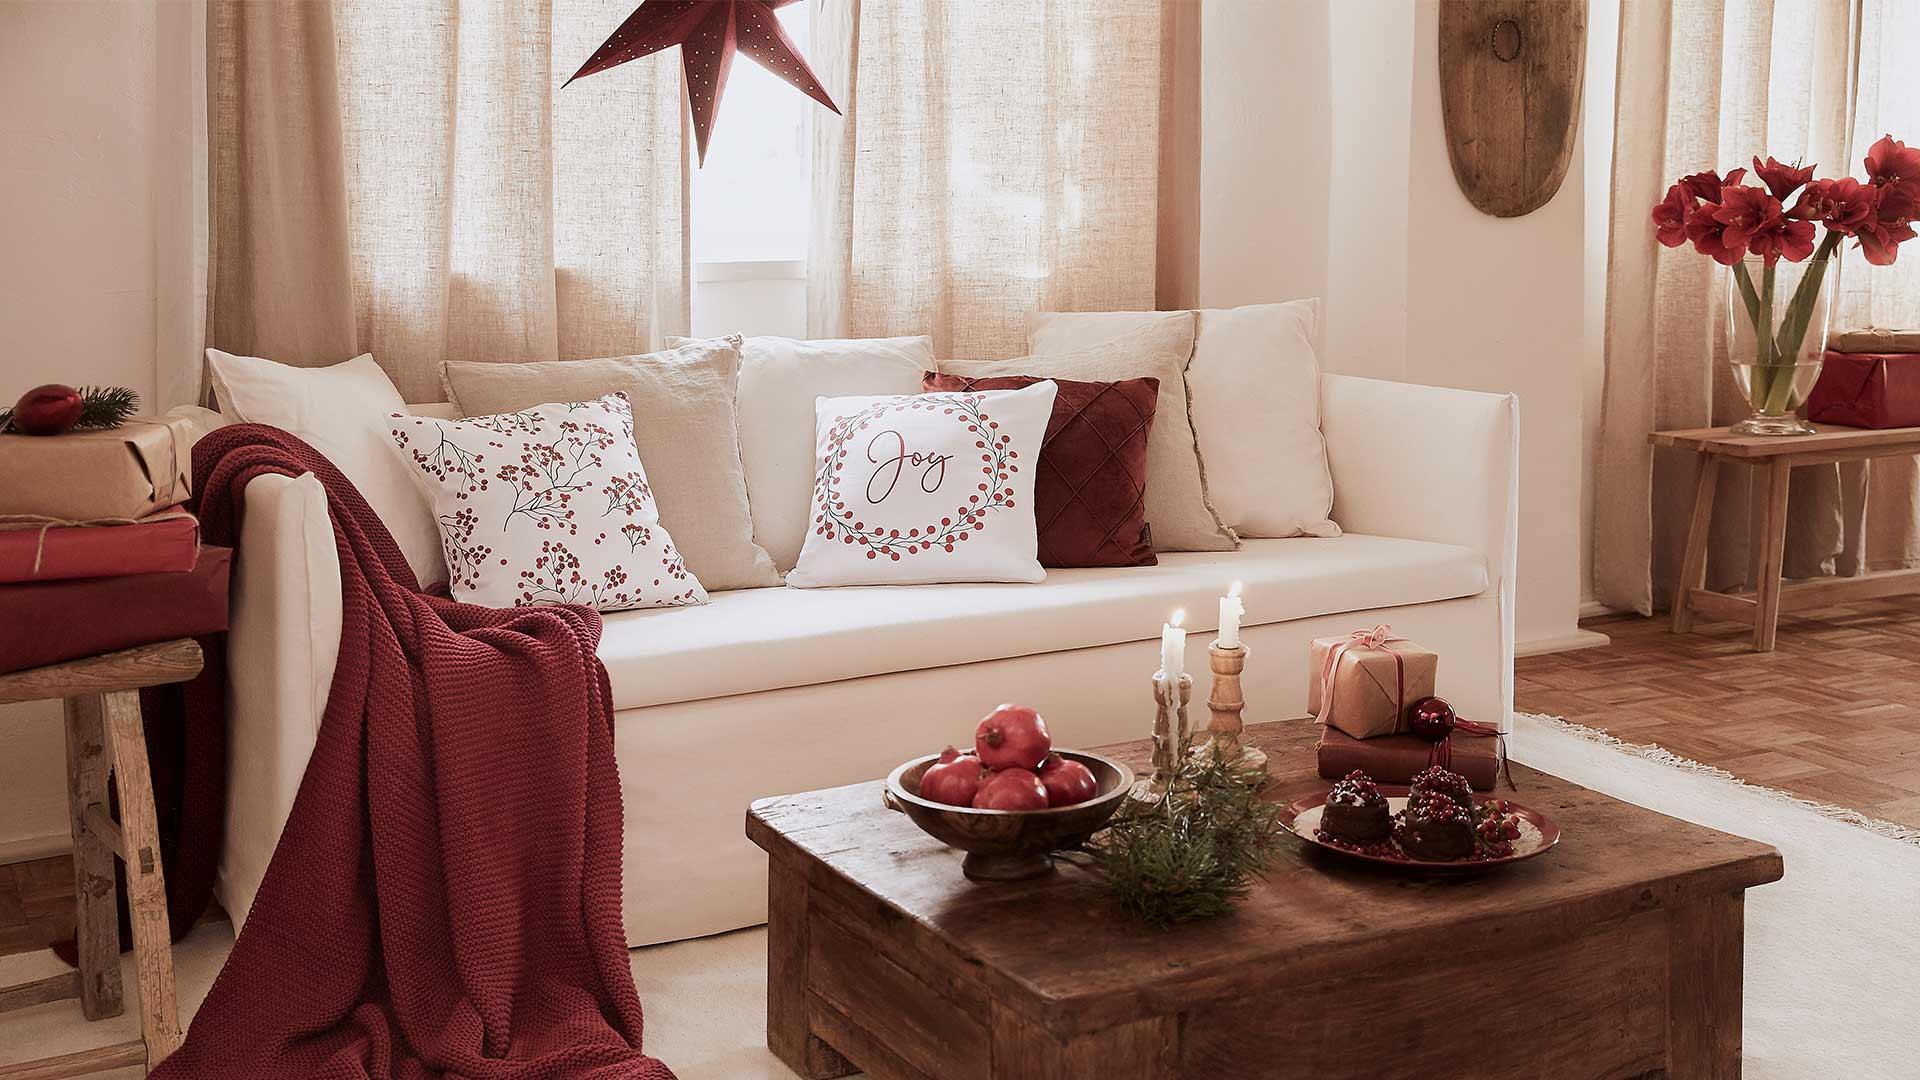 Jasny salon z beżową sofą z białymi i czerwonymi poduszkami, kocem oraz drewnianym stołem z dekoracjami